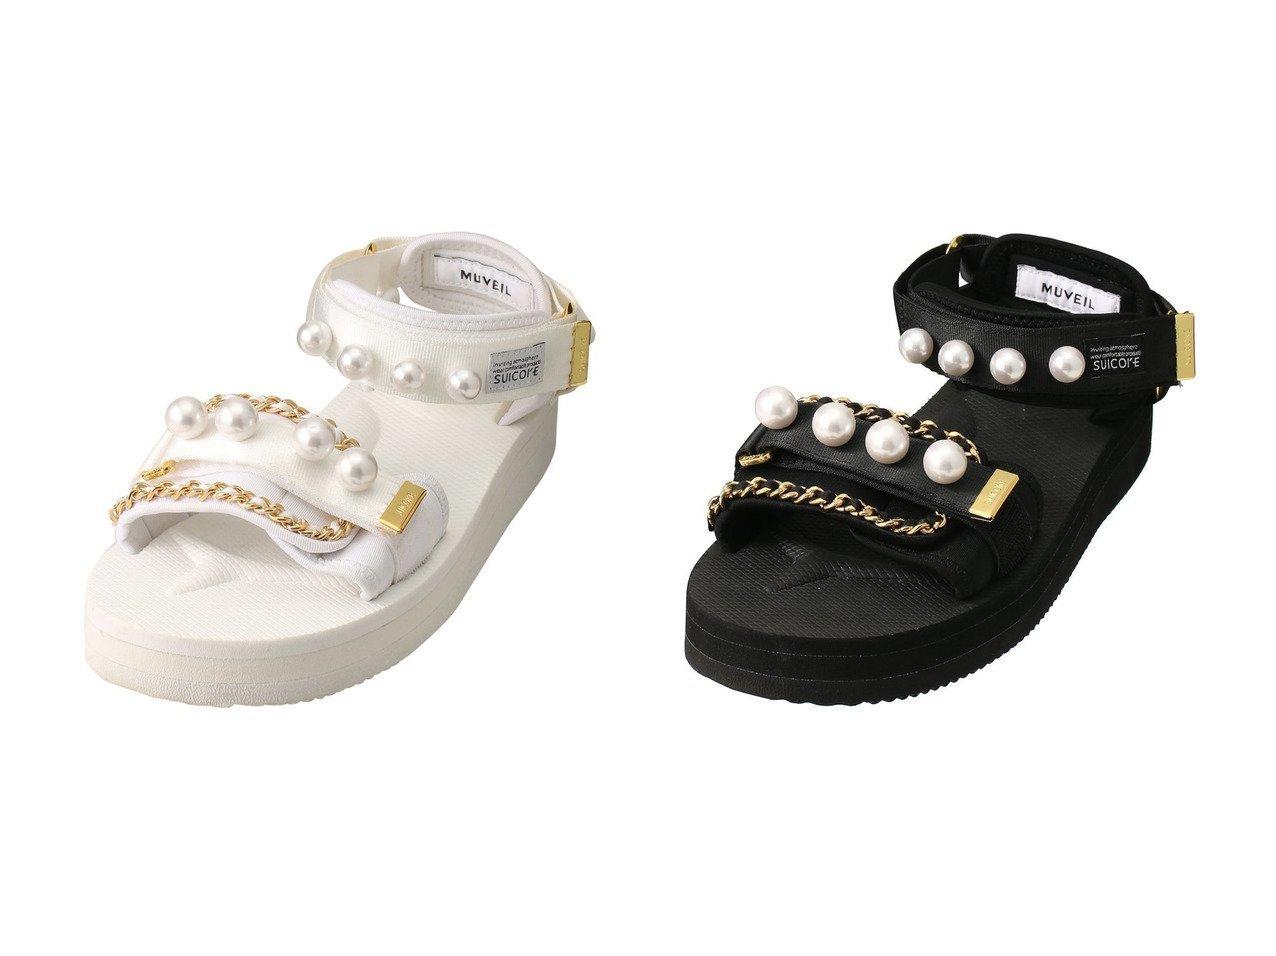 【MUVEIL/ミュベール】のSUICOKE コラボサンダル 【シューズ・靴】おすすめ!人気、トレンド・レディースファッションの通販 おすすめで人気の流行・トレンド、ファッションの通販商品 メンズファッション・キッズファッション・インテリア・家具・レディースファッション・服の通販 founy(ファニー) https://founy.com/ ファッション Fashion レディースファッション WOMEN 2021年 2021 2021春夏・S/S SS/Spring/Summer/2021 S/S・春夏 SS・Spring/Summer おすすめ Recommend コラボ サンダル チェーン パール 春 Spring  ID:crp329100000028384